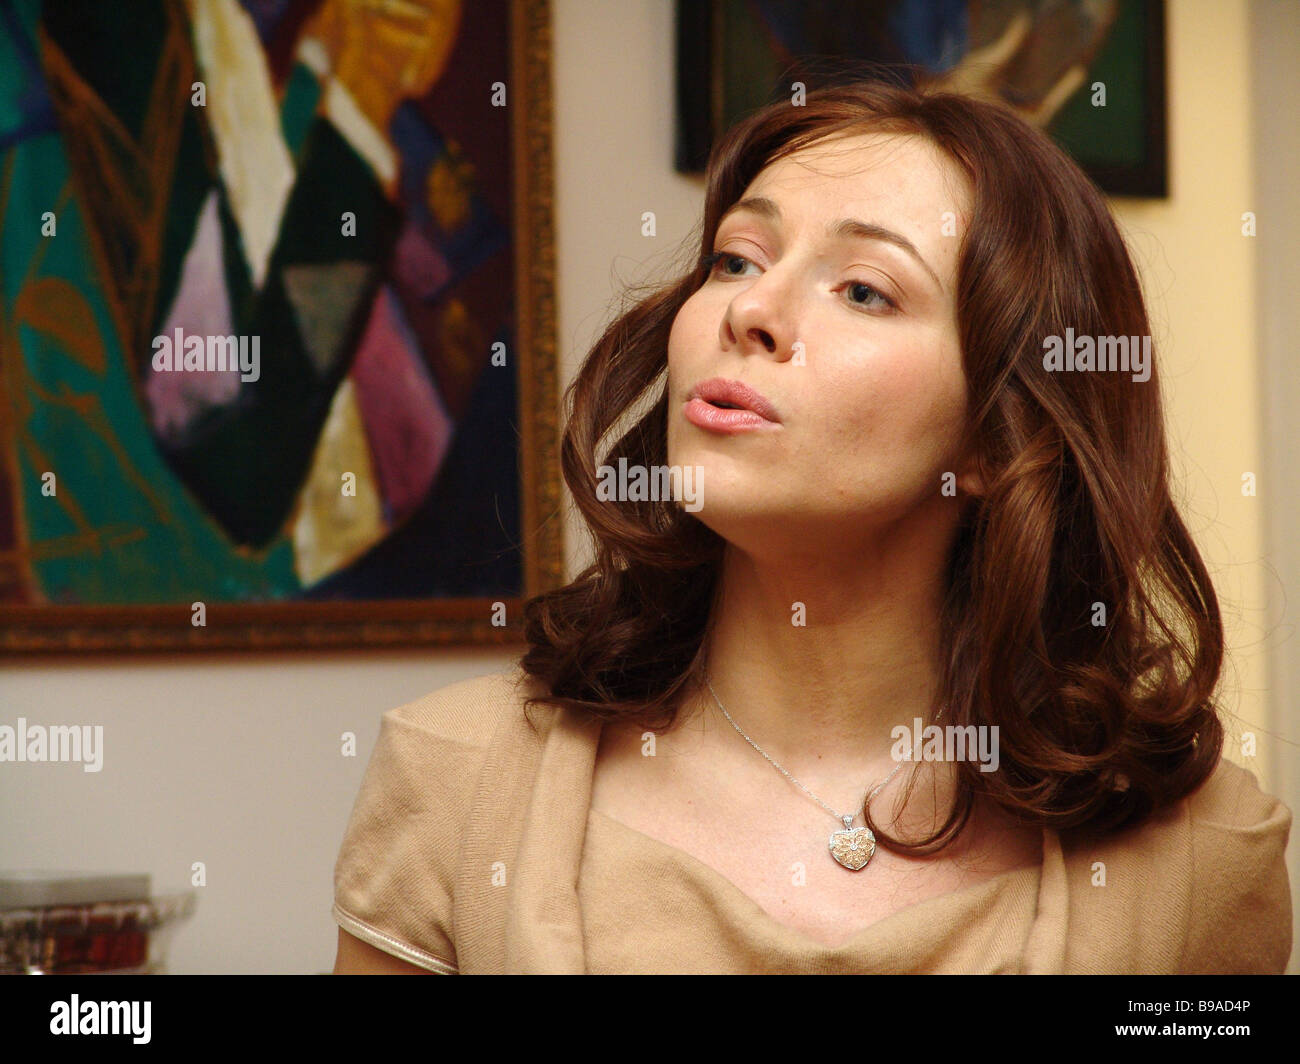 Русские актрисы музыки, реальная съемка на мобилу домашнего порно